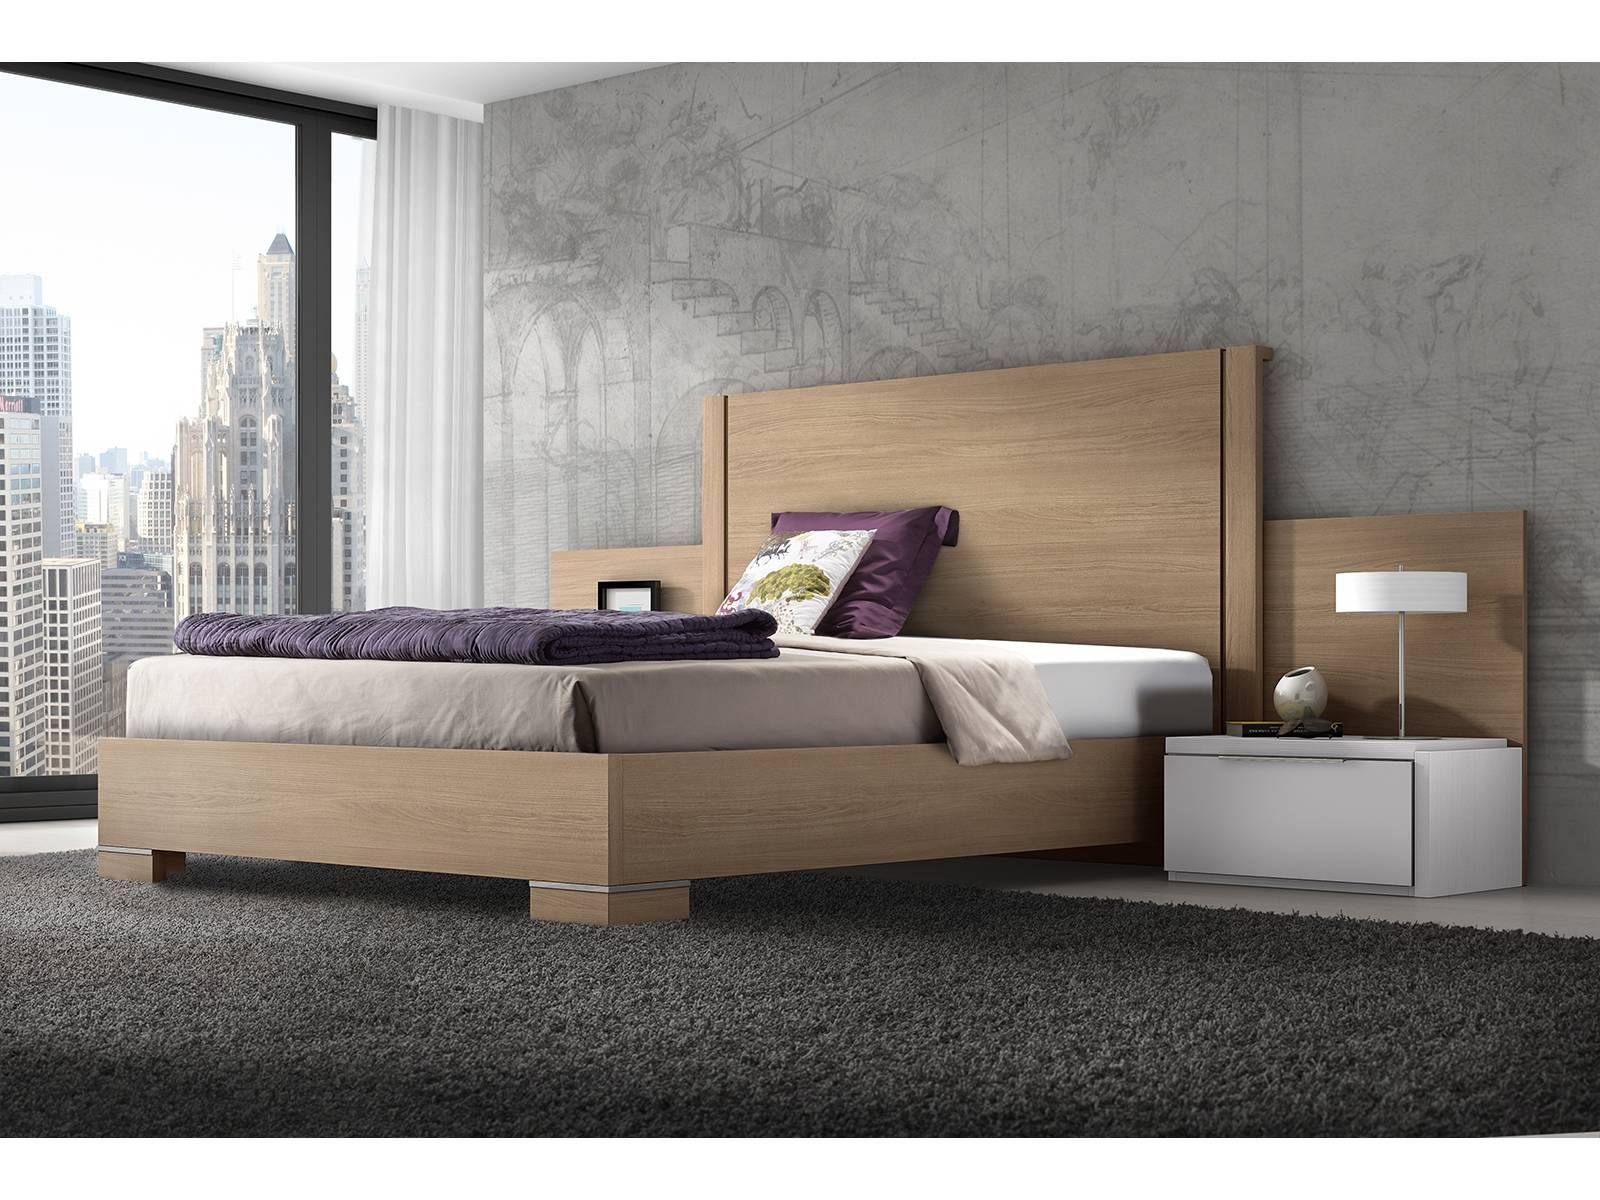 Dormitorio de matrimonio blanco / acacia El dormitorio se compone de ...